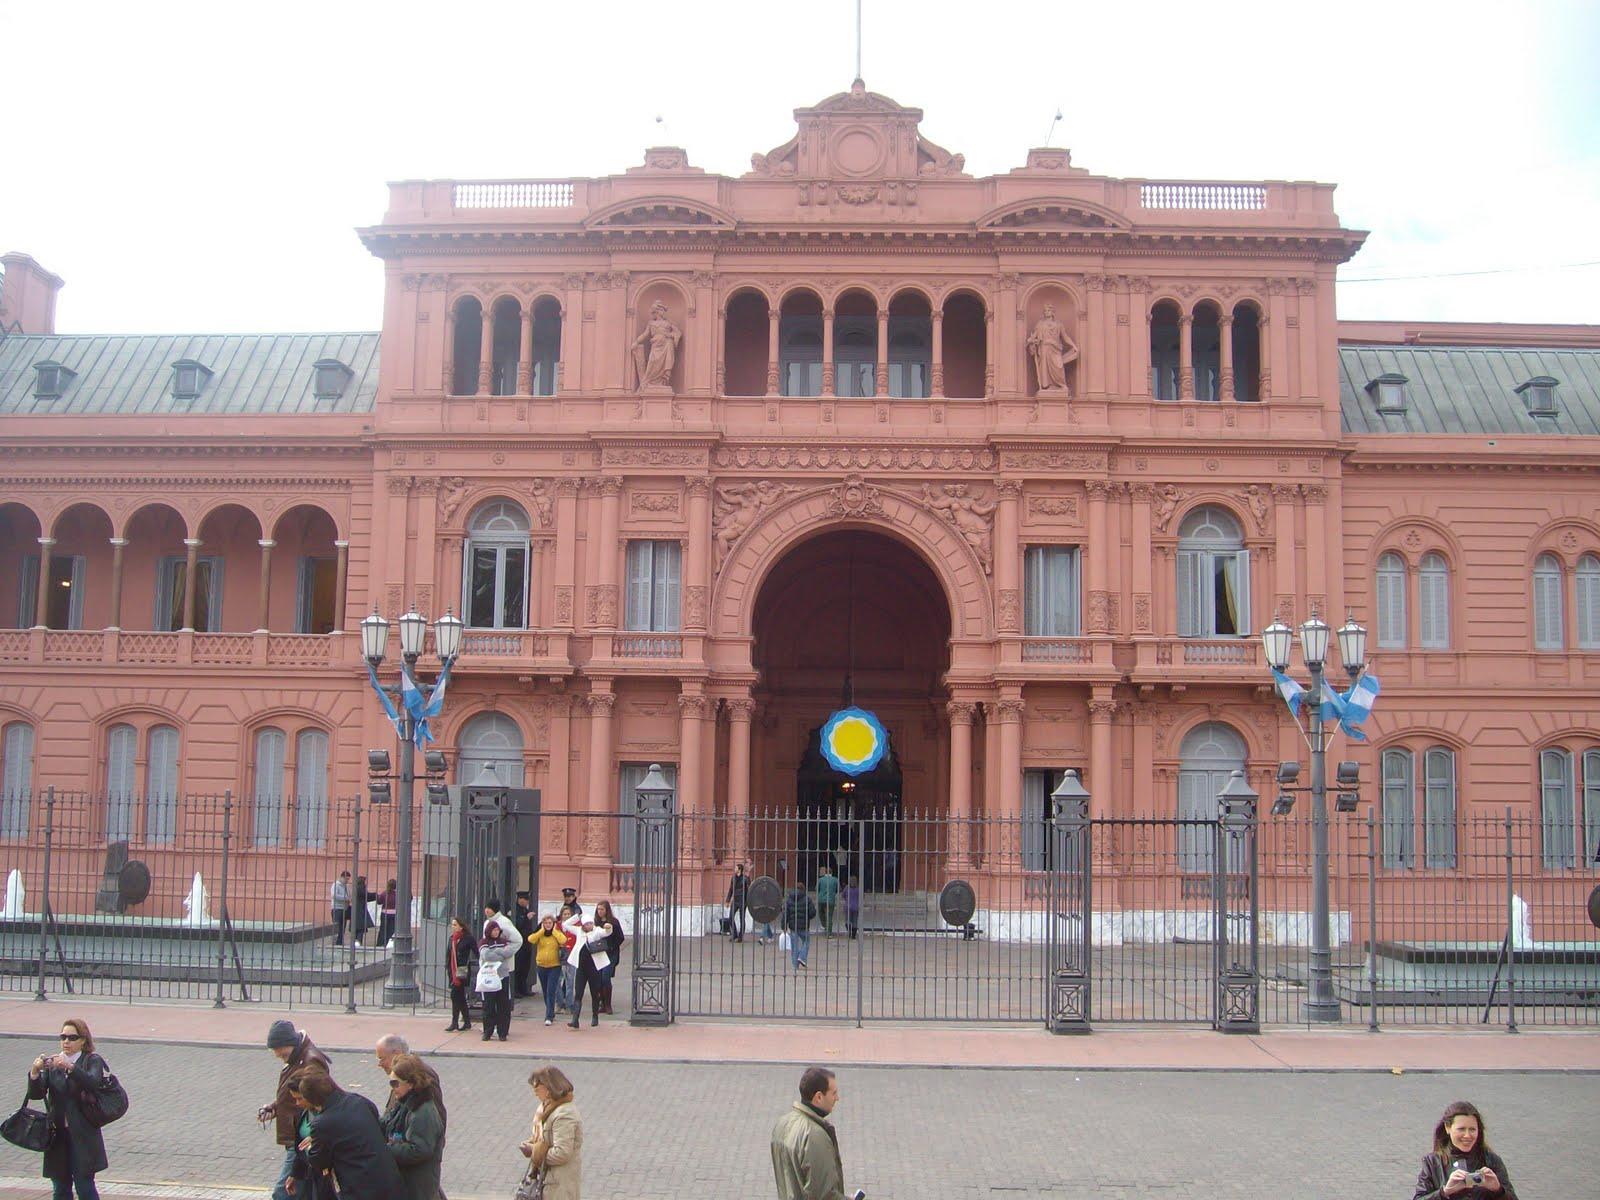 casa rosada, residencia presidencial argentina